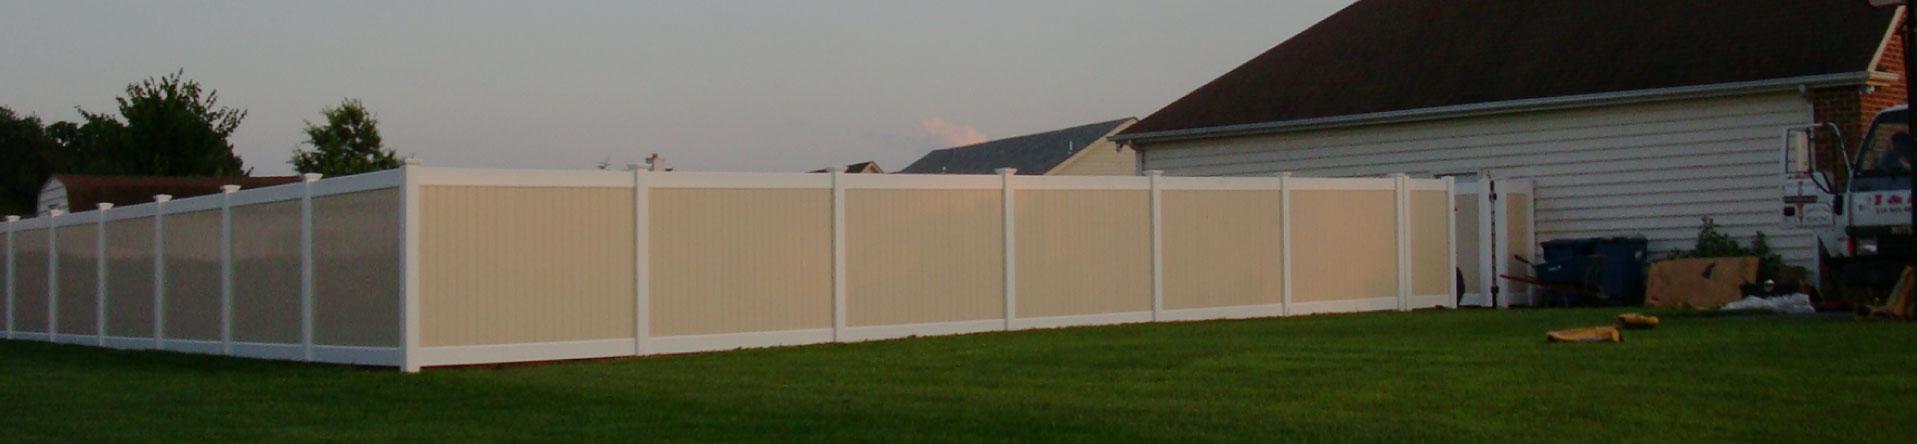 new fence company hampton